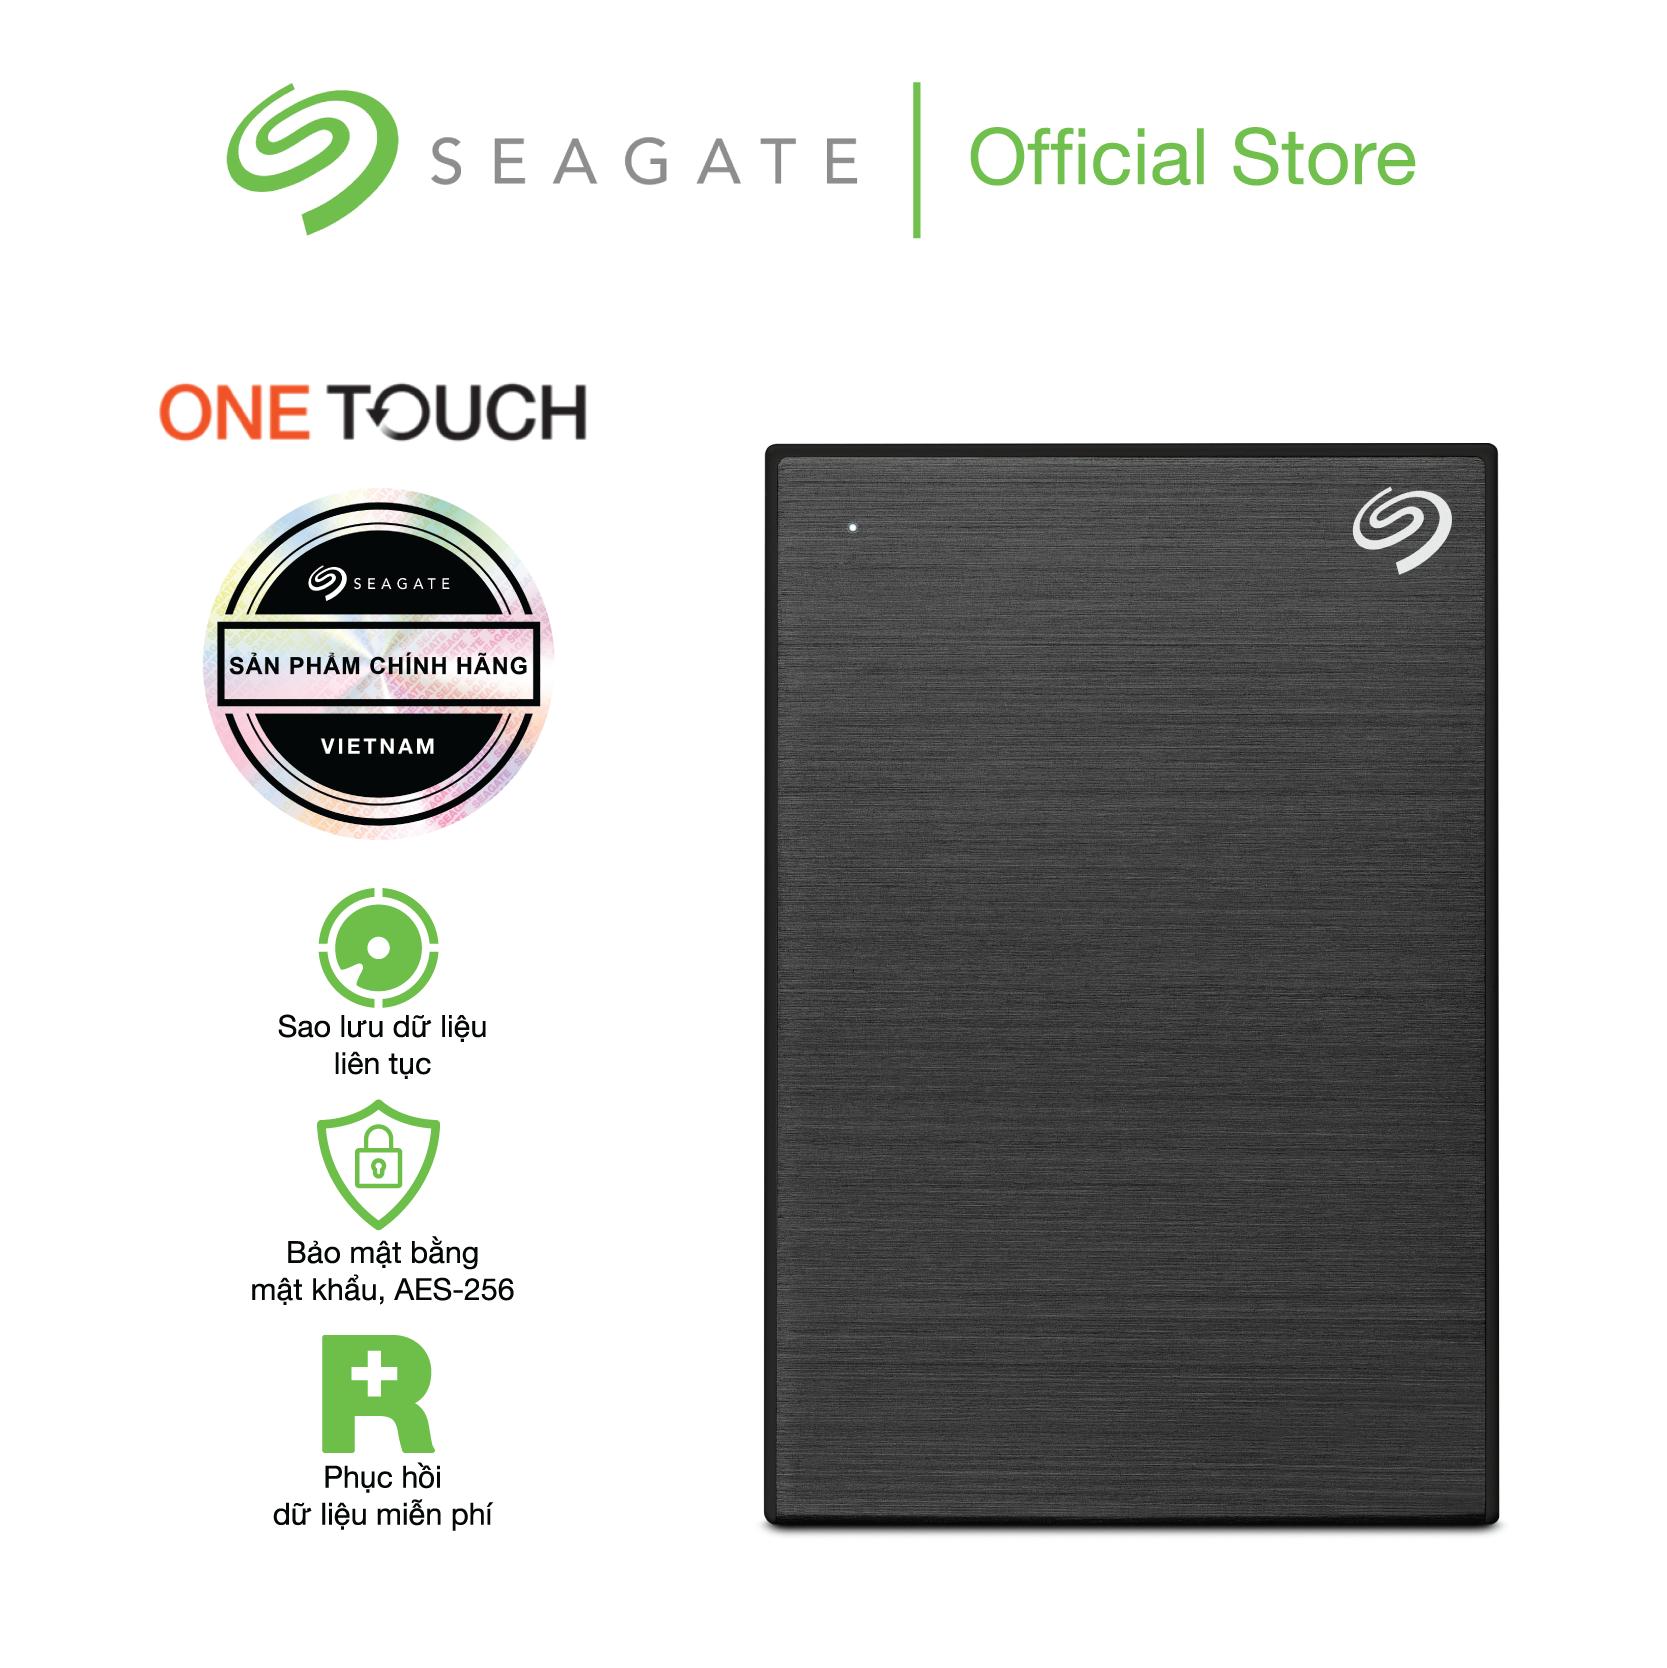 Ổ cứng Seagate One Touch HDD 1TB 2.5″ USB 3.0 + Giải cứu Dữ liệu miễn phí + 1 Áo phông One Touch